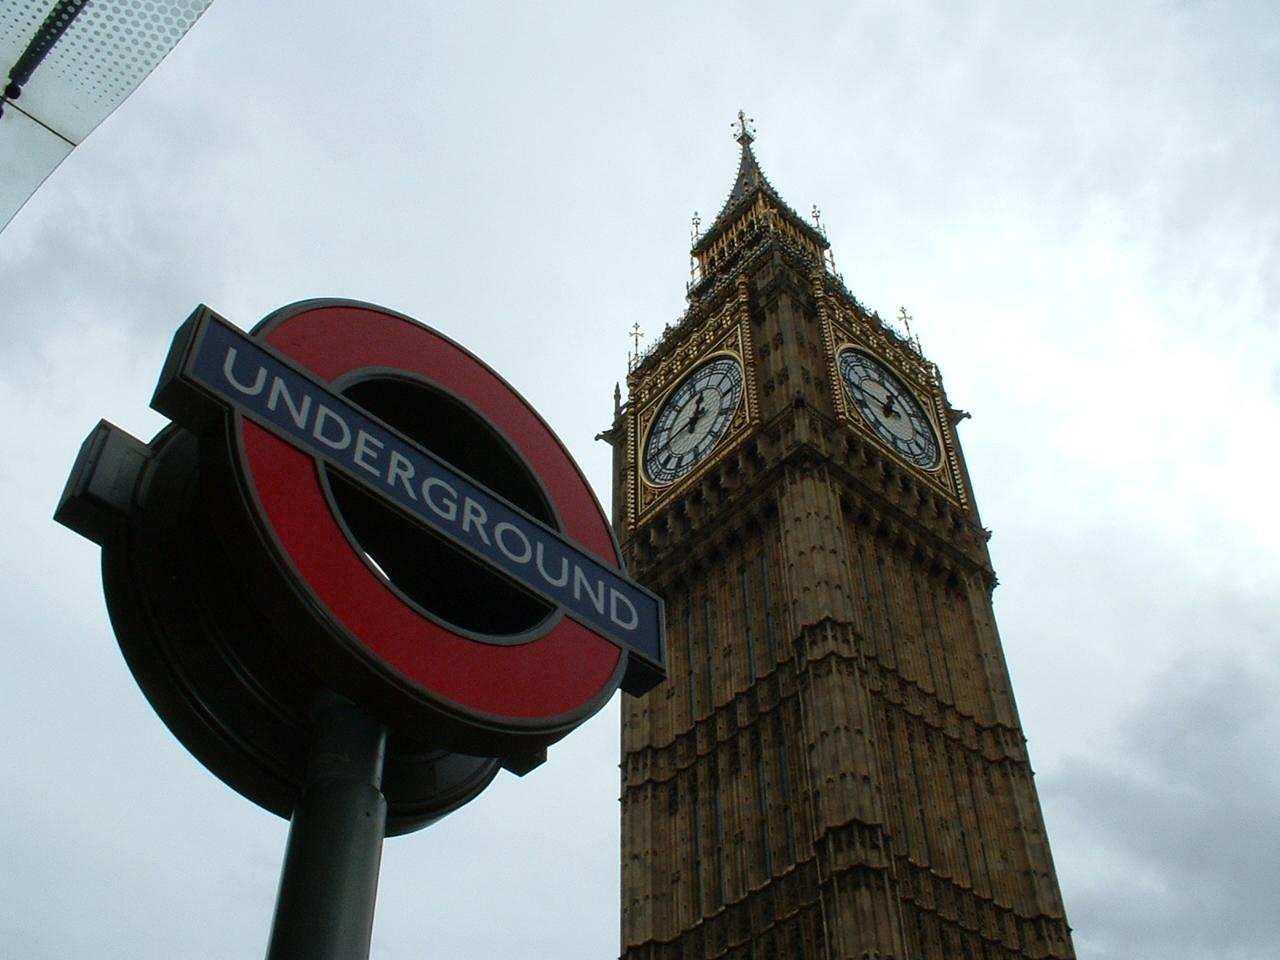 La reapertura de las estaciones fantasma del metro de Londres podrían generar millones de libras en ingresos. Foto: emmiegrn.